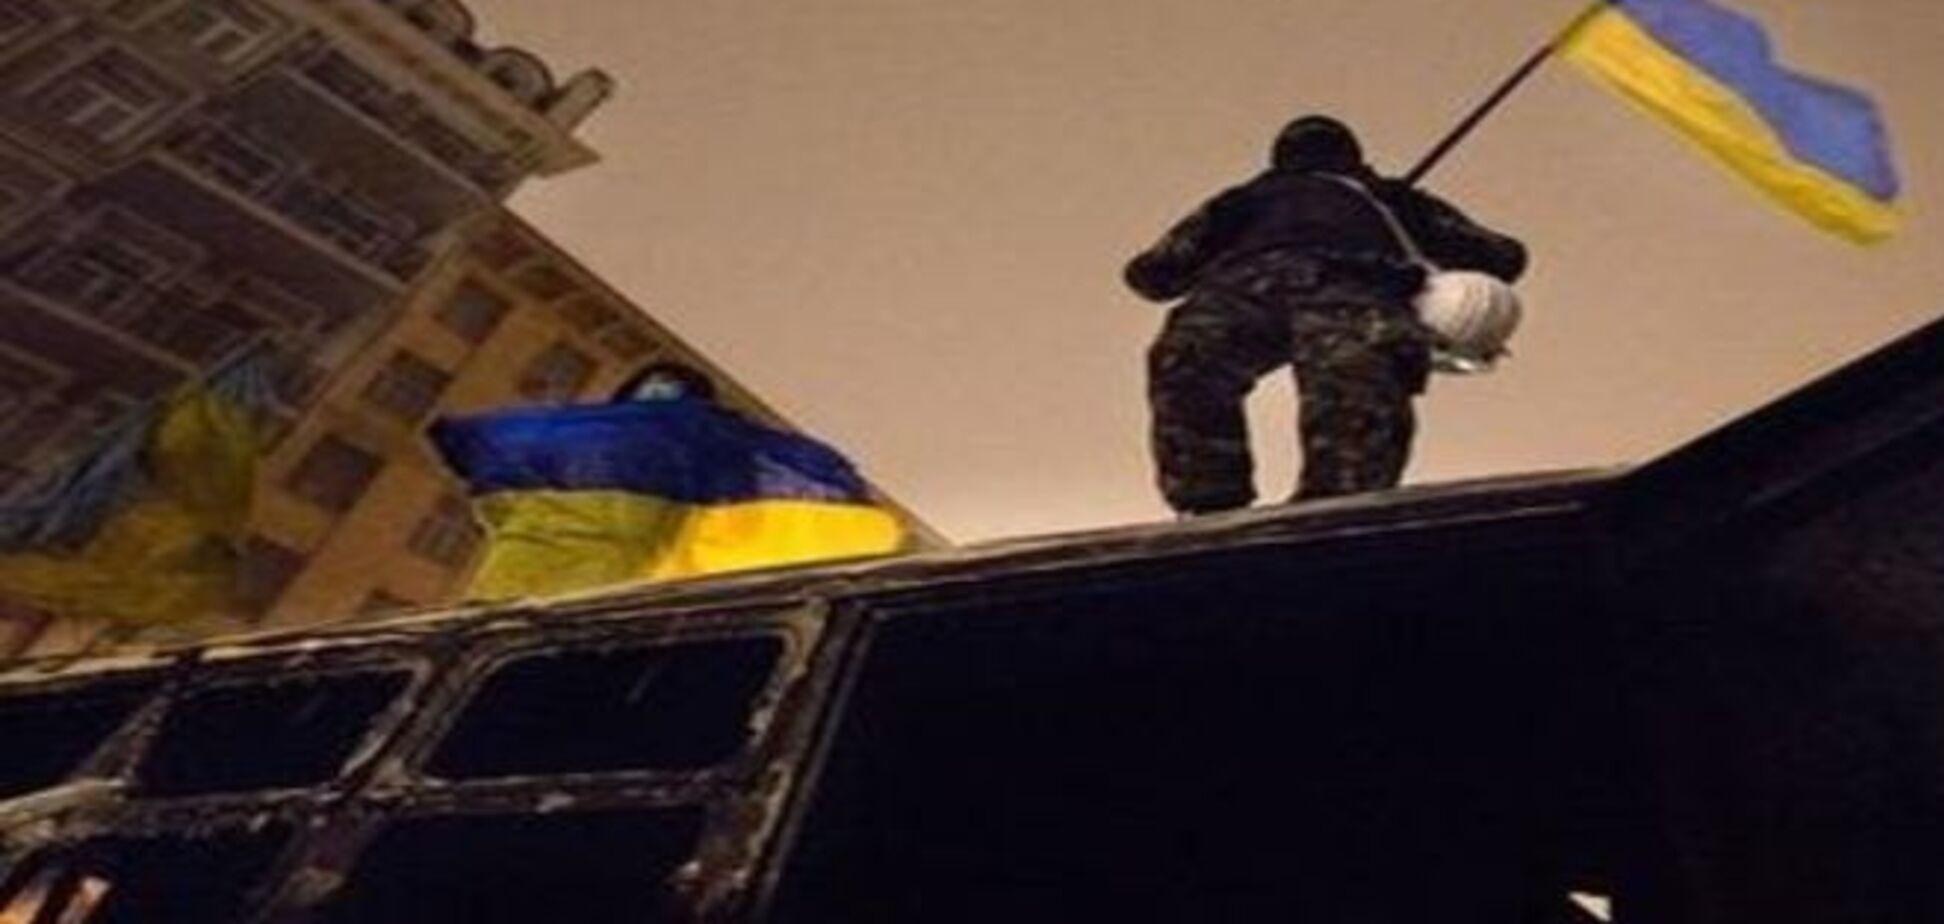 Майдан - великое действо, цель которого - вырваться из замкнутого круга самоуничтожения